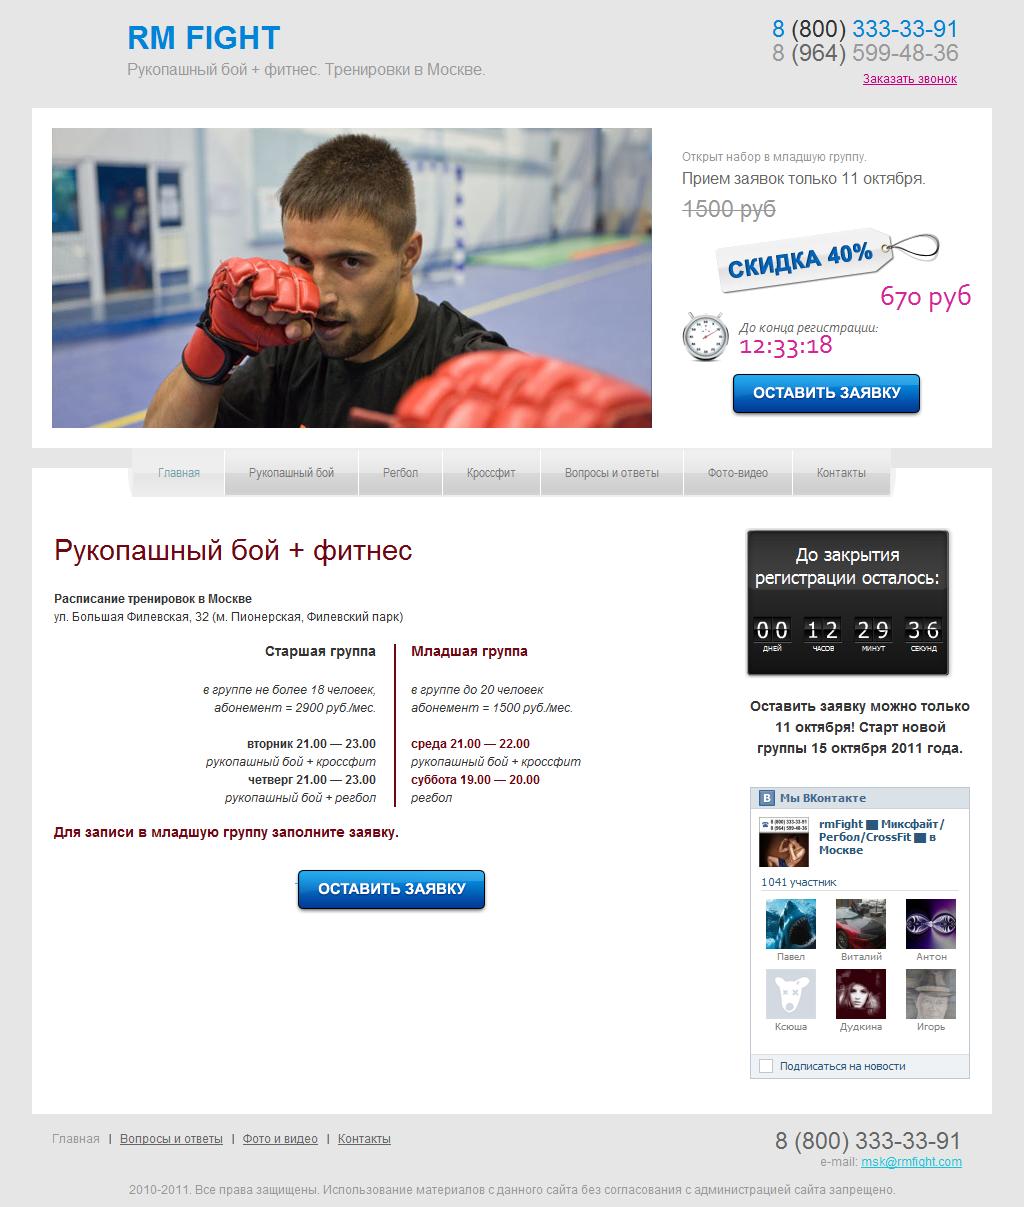 Промо-сайт для набора в группу рукопашного боя и фитнеса